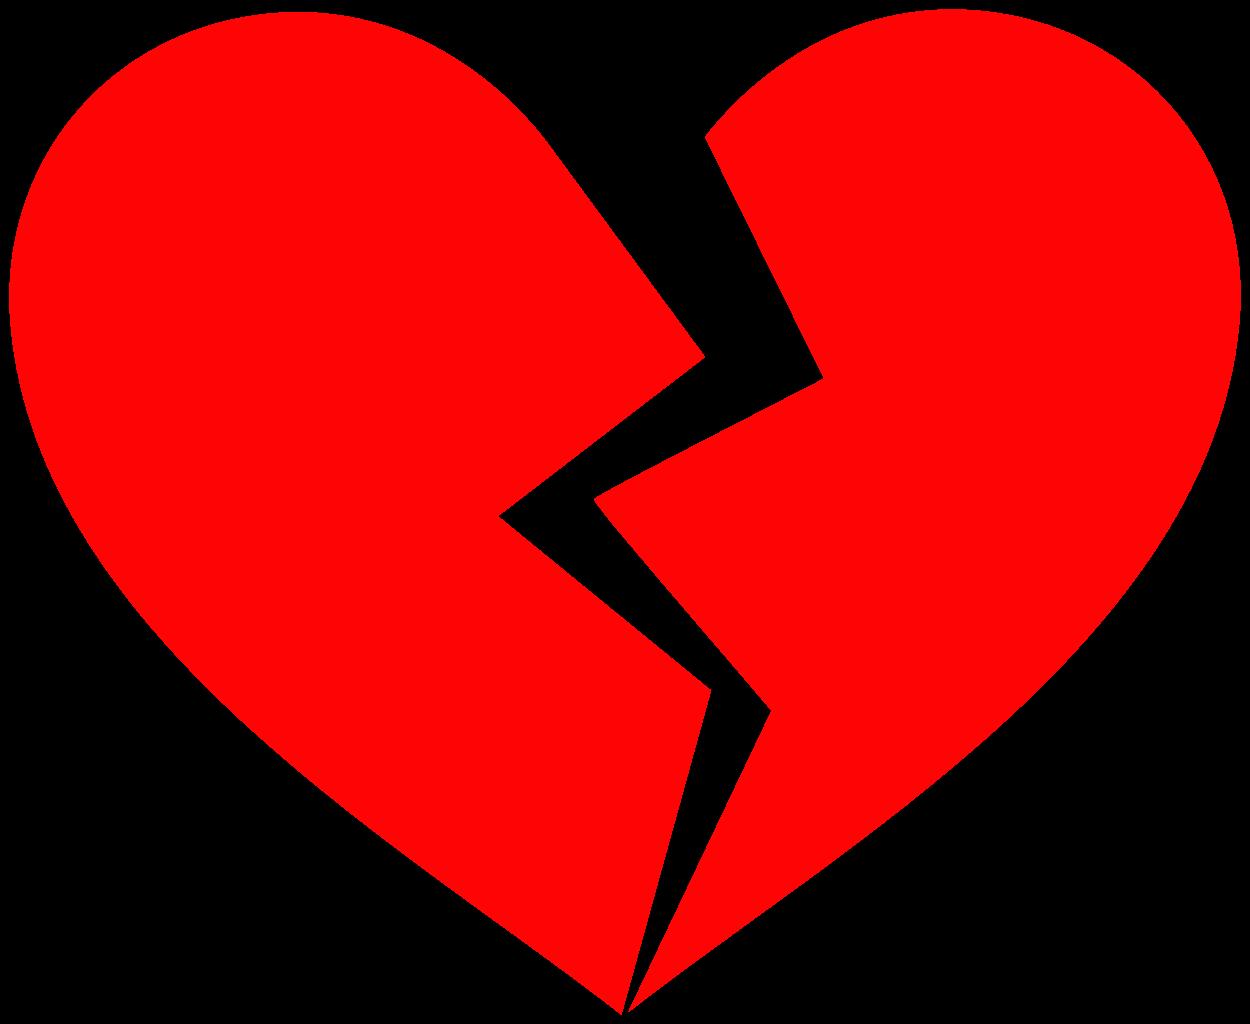 Broken heart clipart sad pictures on Cliparts Pub 2020! - Sad Heart Emoji